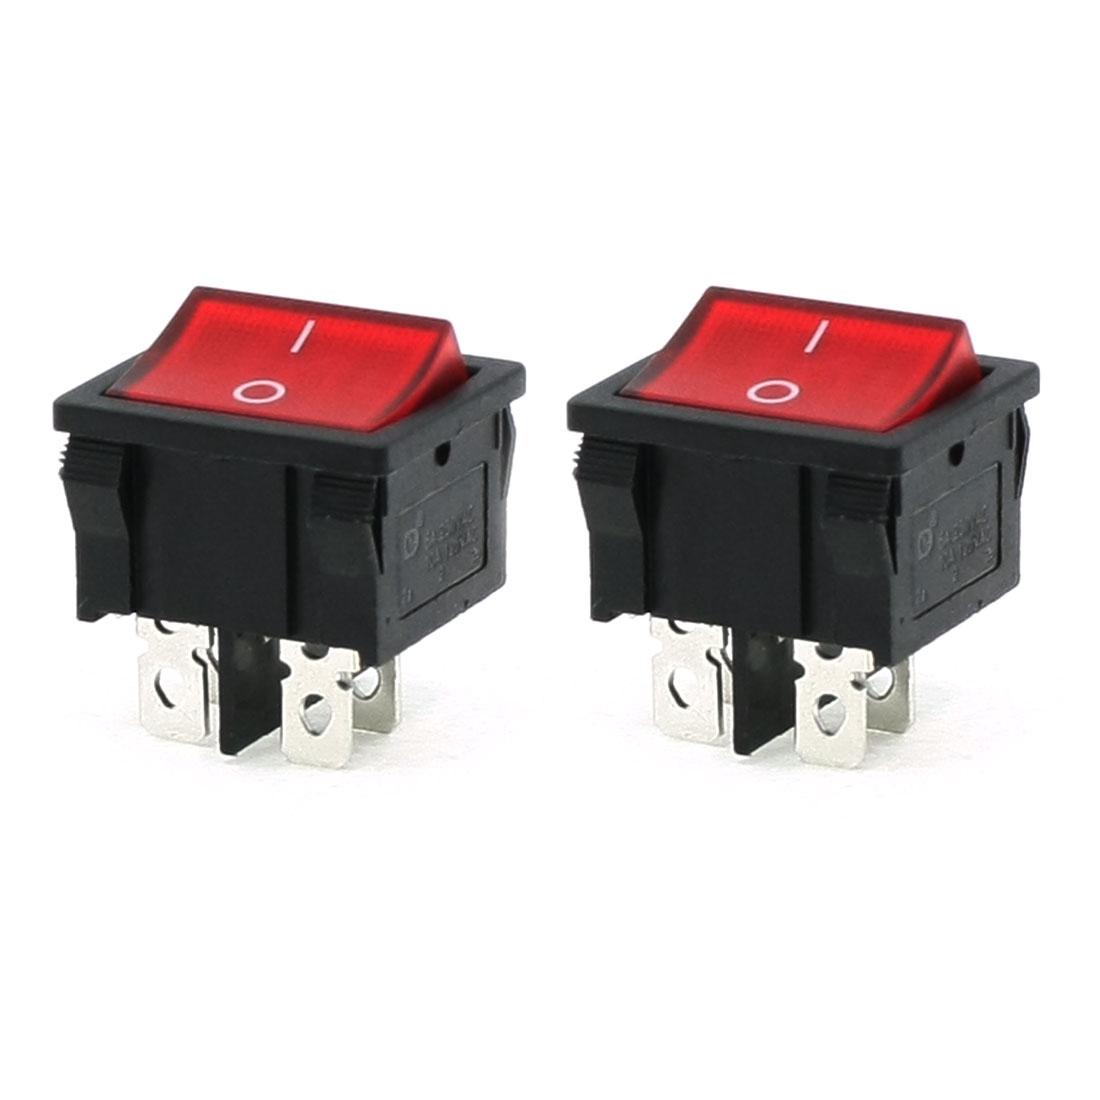 AC 250V/6A 125V/10A 4 Pins DPST On/Off Rocker Switch 2 Pcs